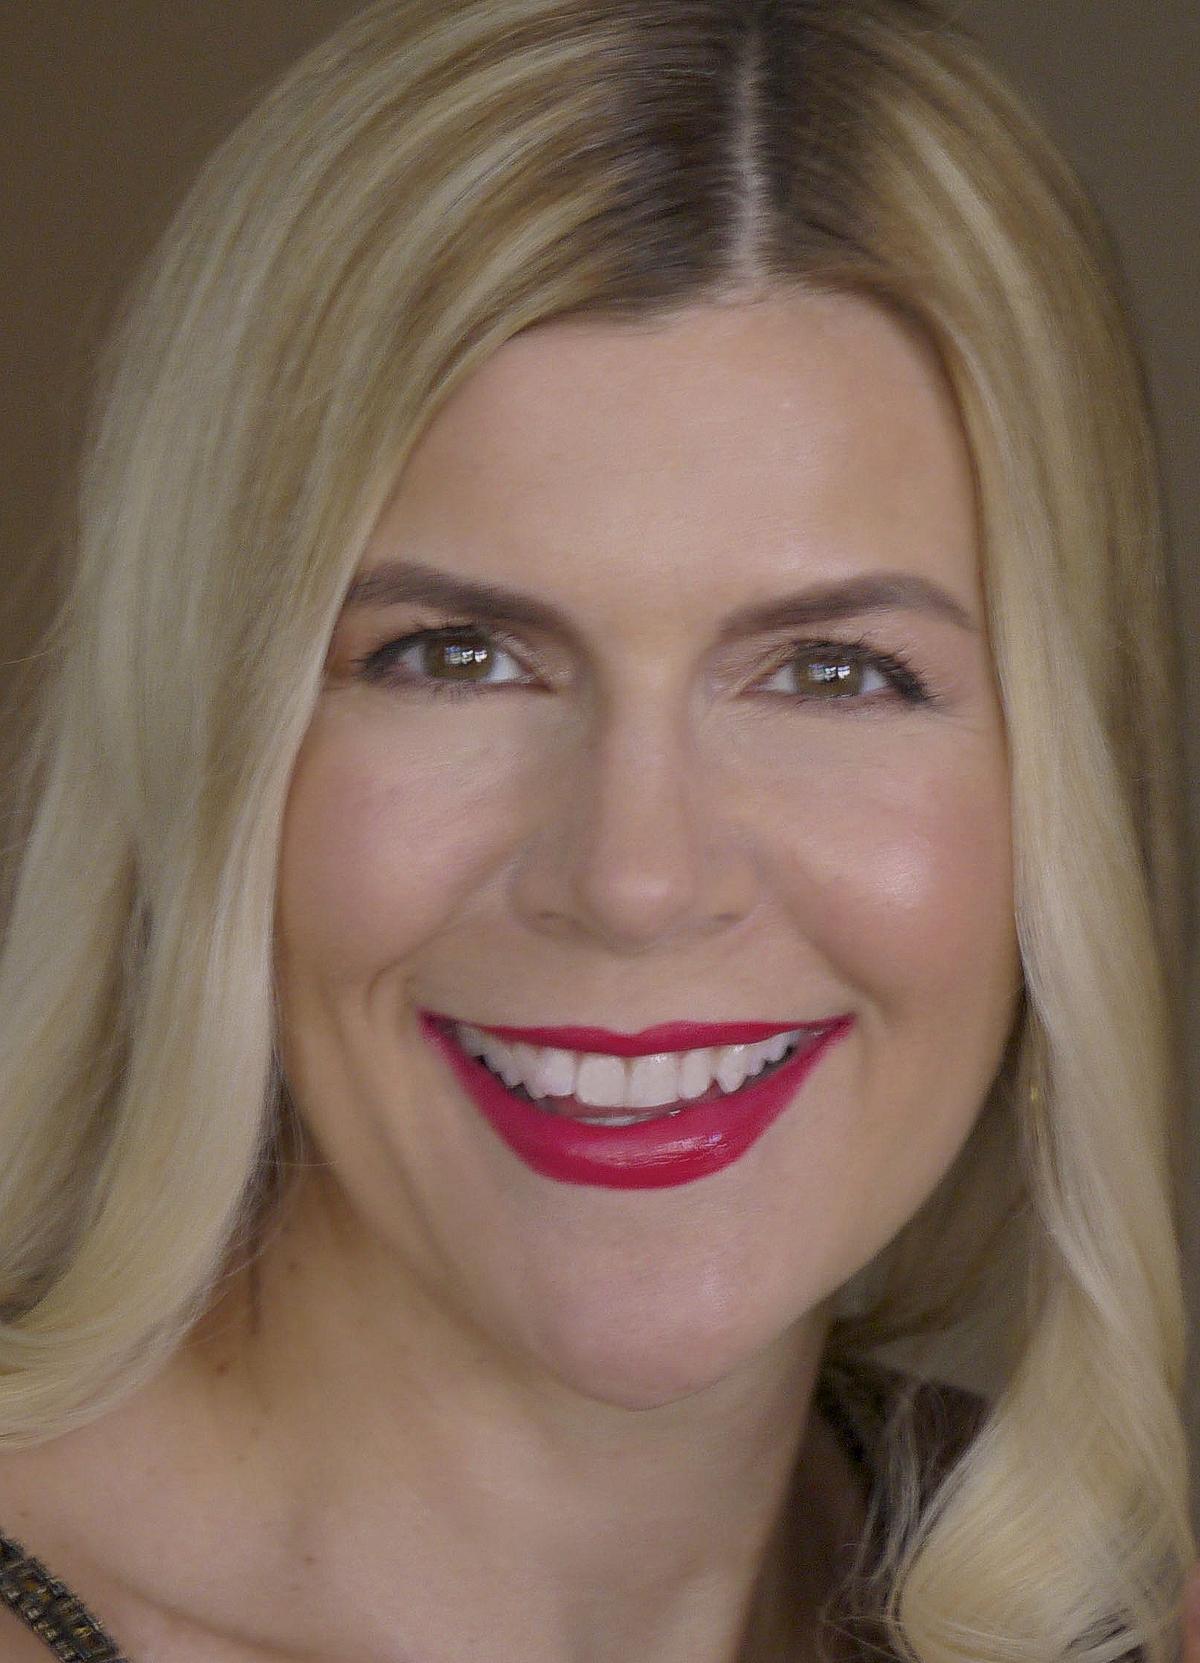 Julia Markovich